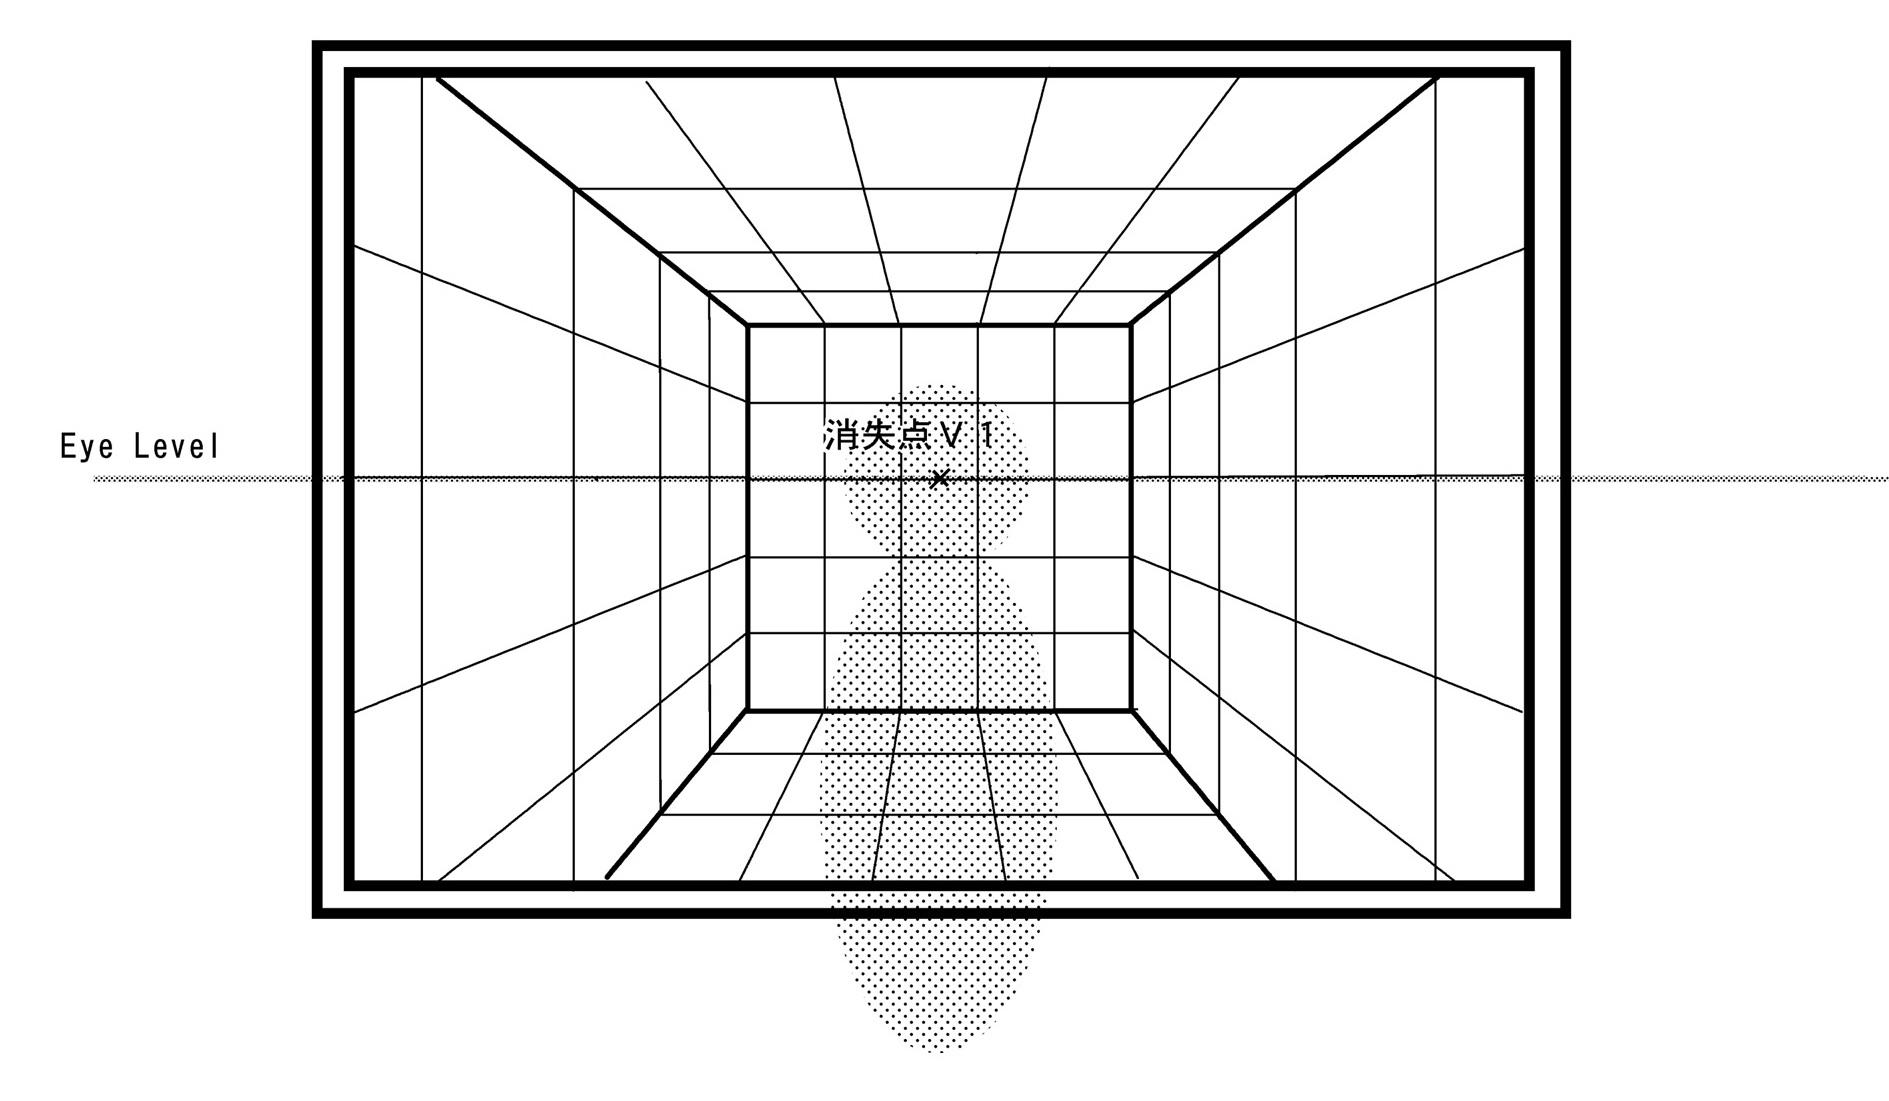 アイレベルは基本的に水平の線で表す